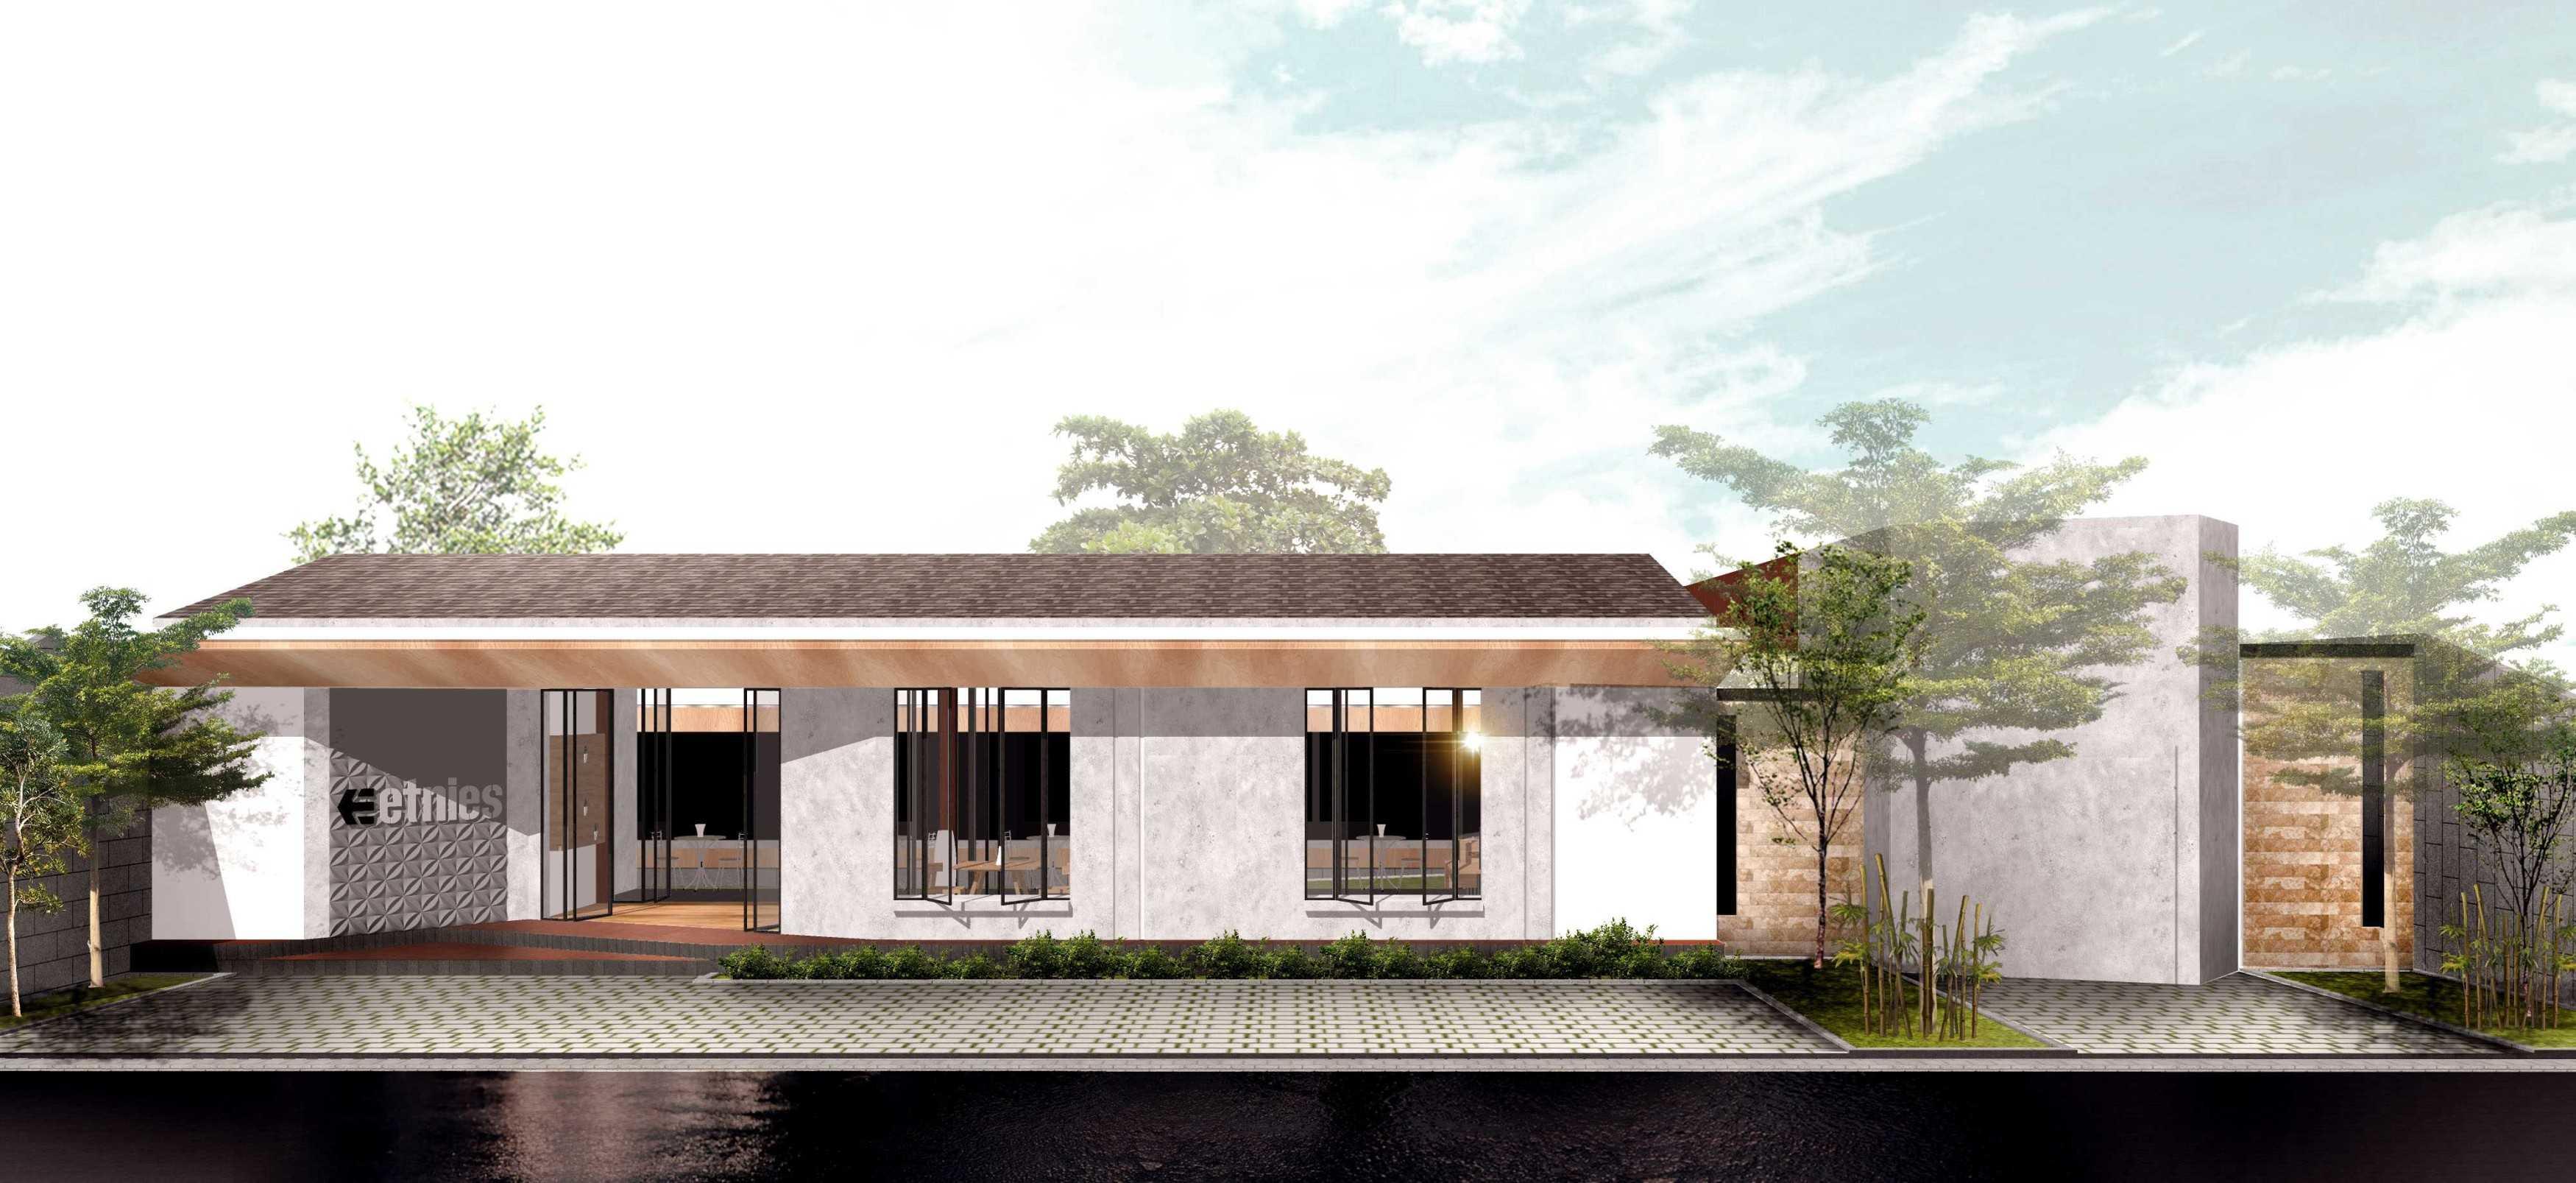 Pmp Architect Kebon Waru Guesthouse Kebonwaru, Batununggal, Kota Bandung, Jawa Barat, Indonesia Kebonwaru, Batununggal, Kota Bandung, Jawa Barat, Indonesia Kebon-Waru-Guesthouse Modern  56580